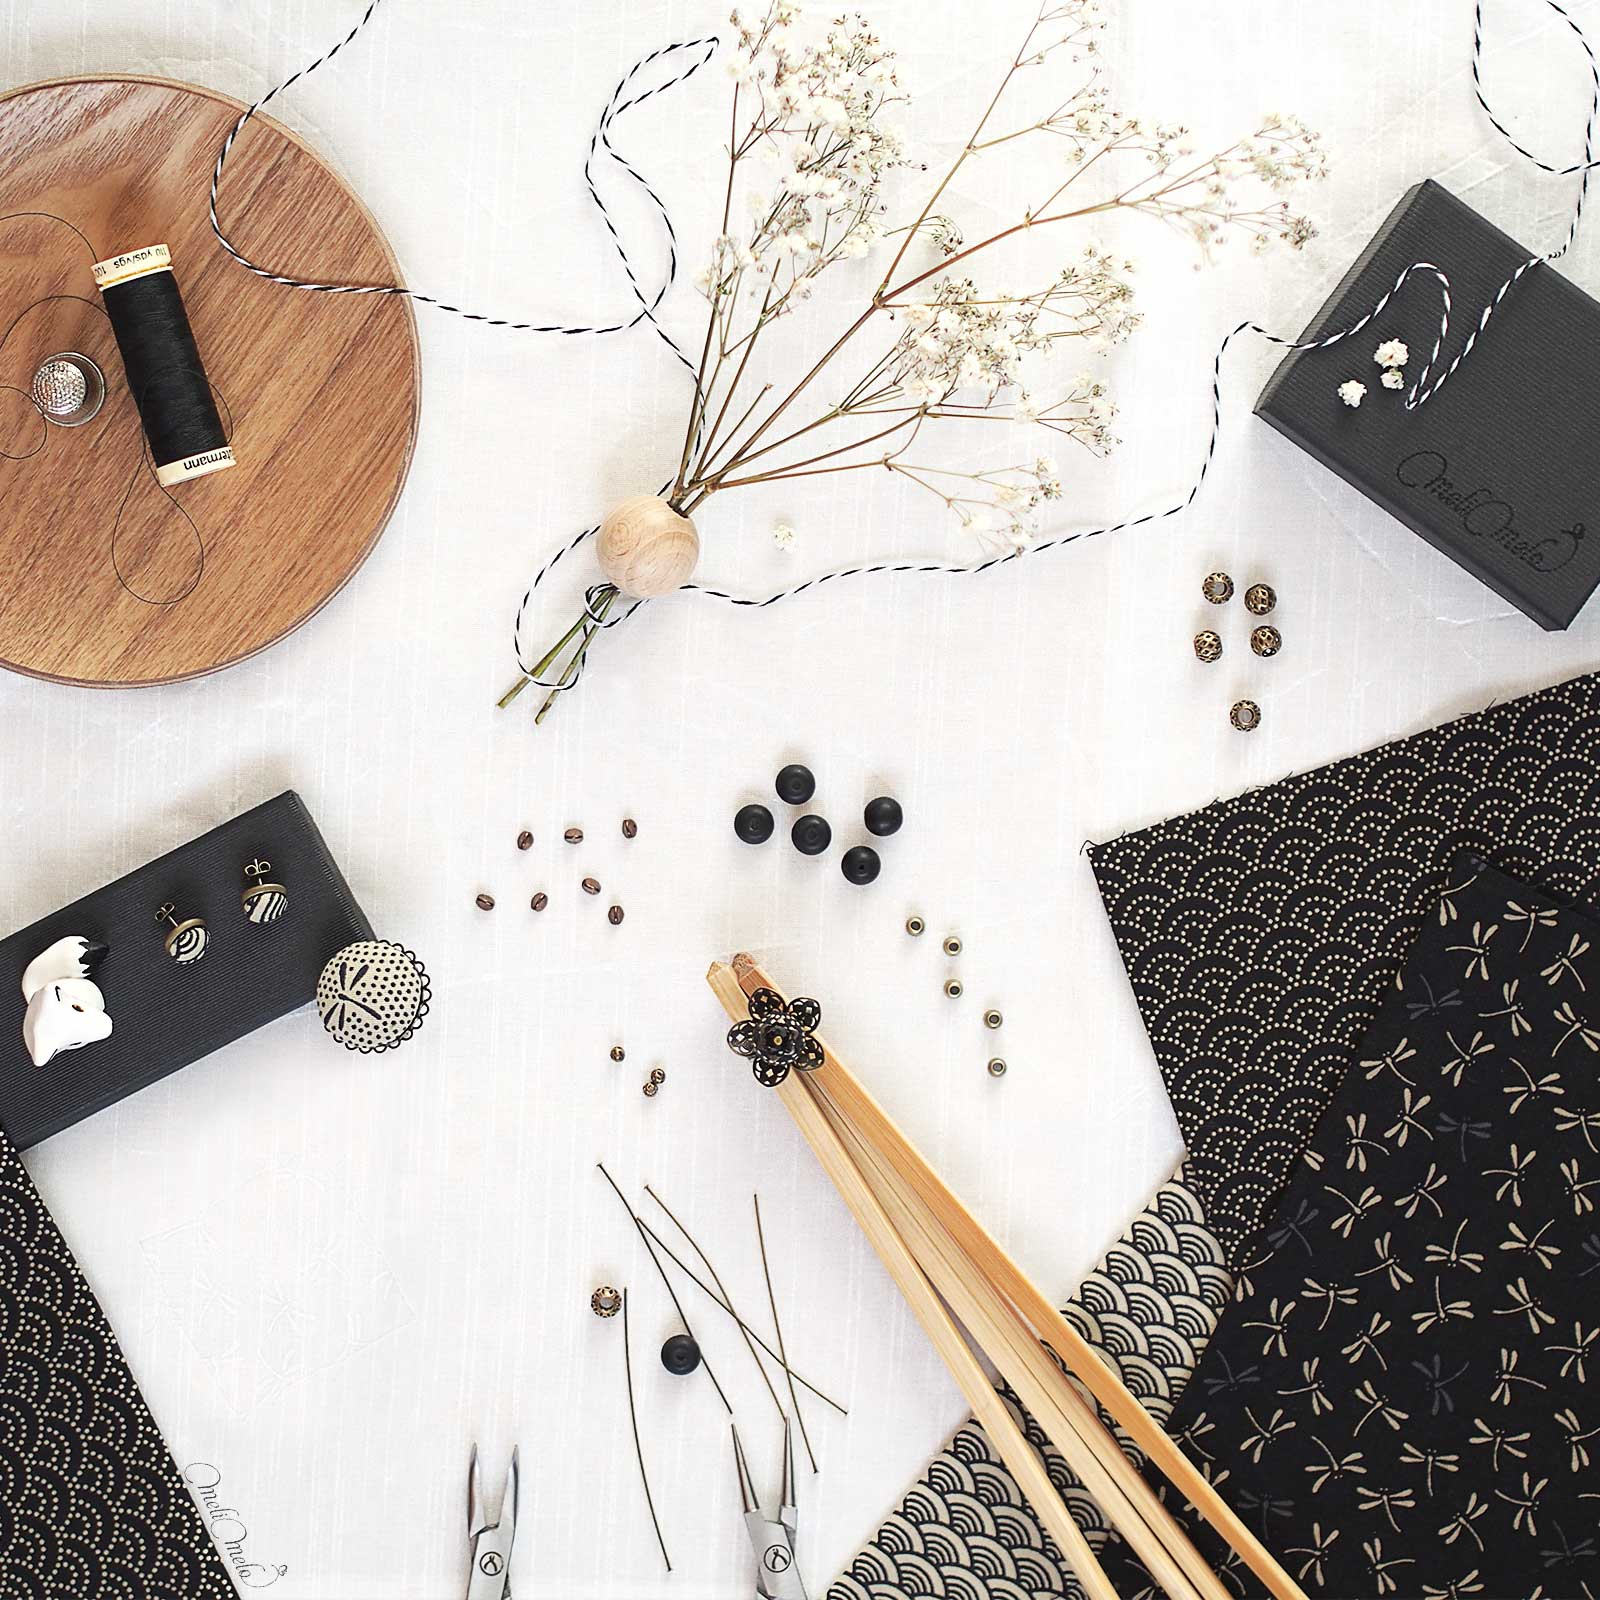 bijoux en tissu japonais noir & ivoire pierres fines cristal Swarovski Preciosa Collection Japon laboutiquedemelimelo